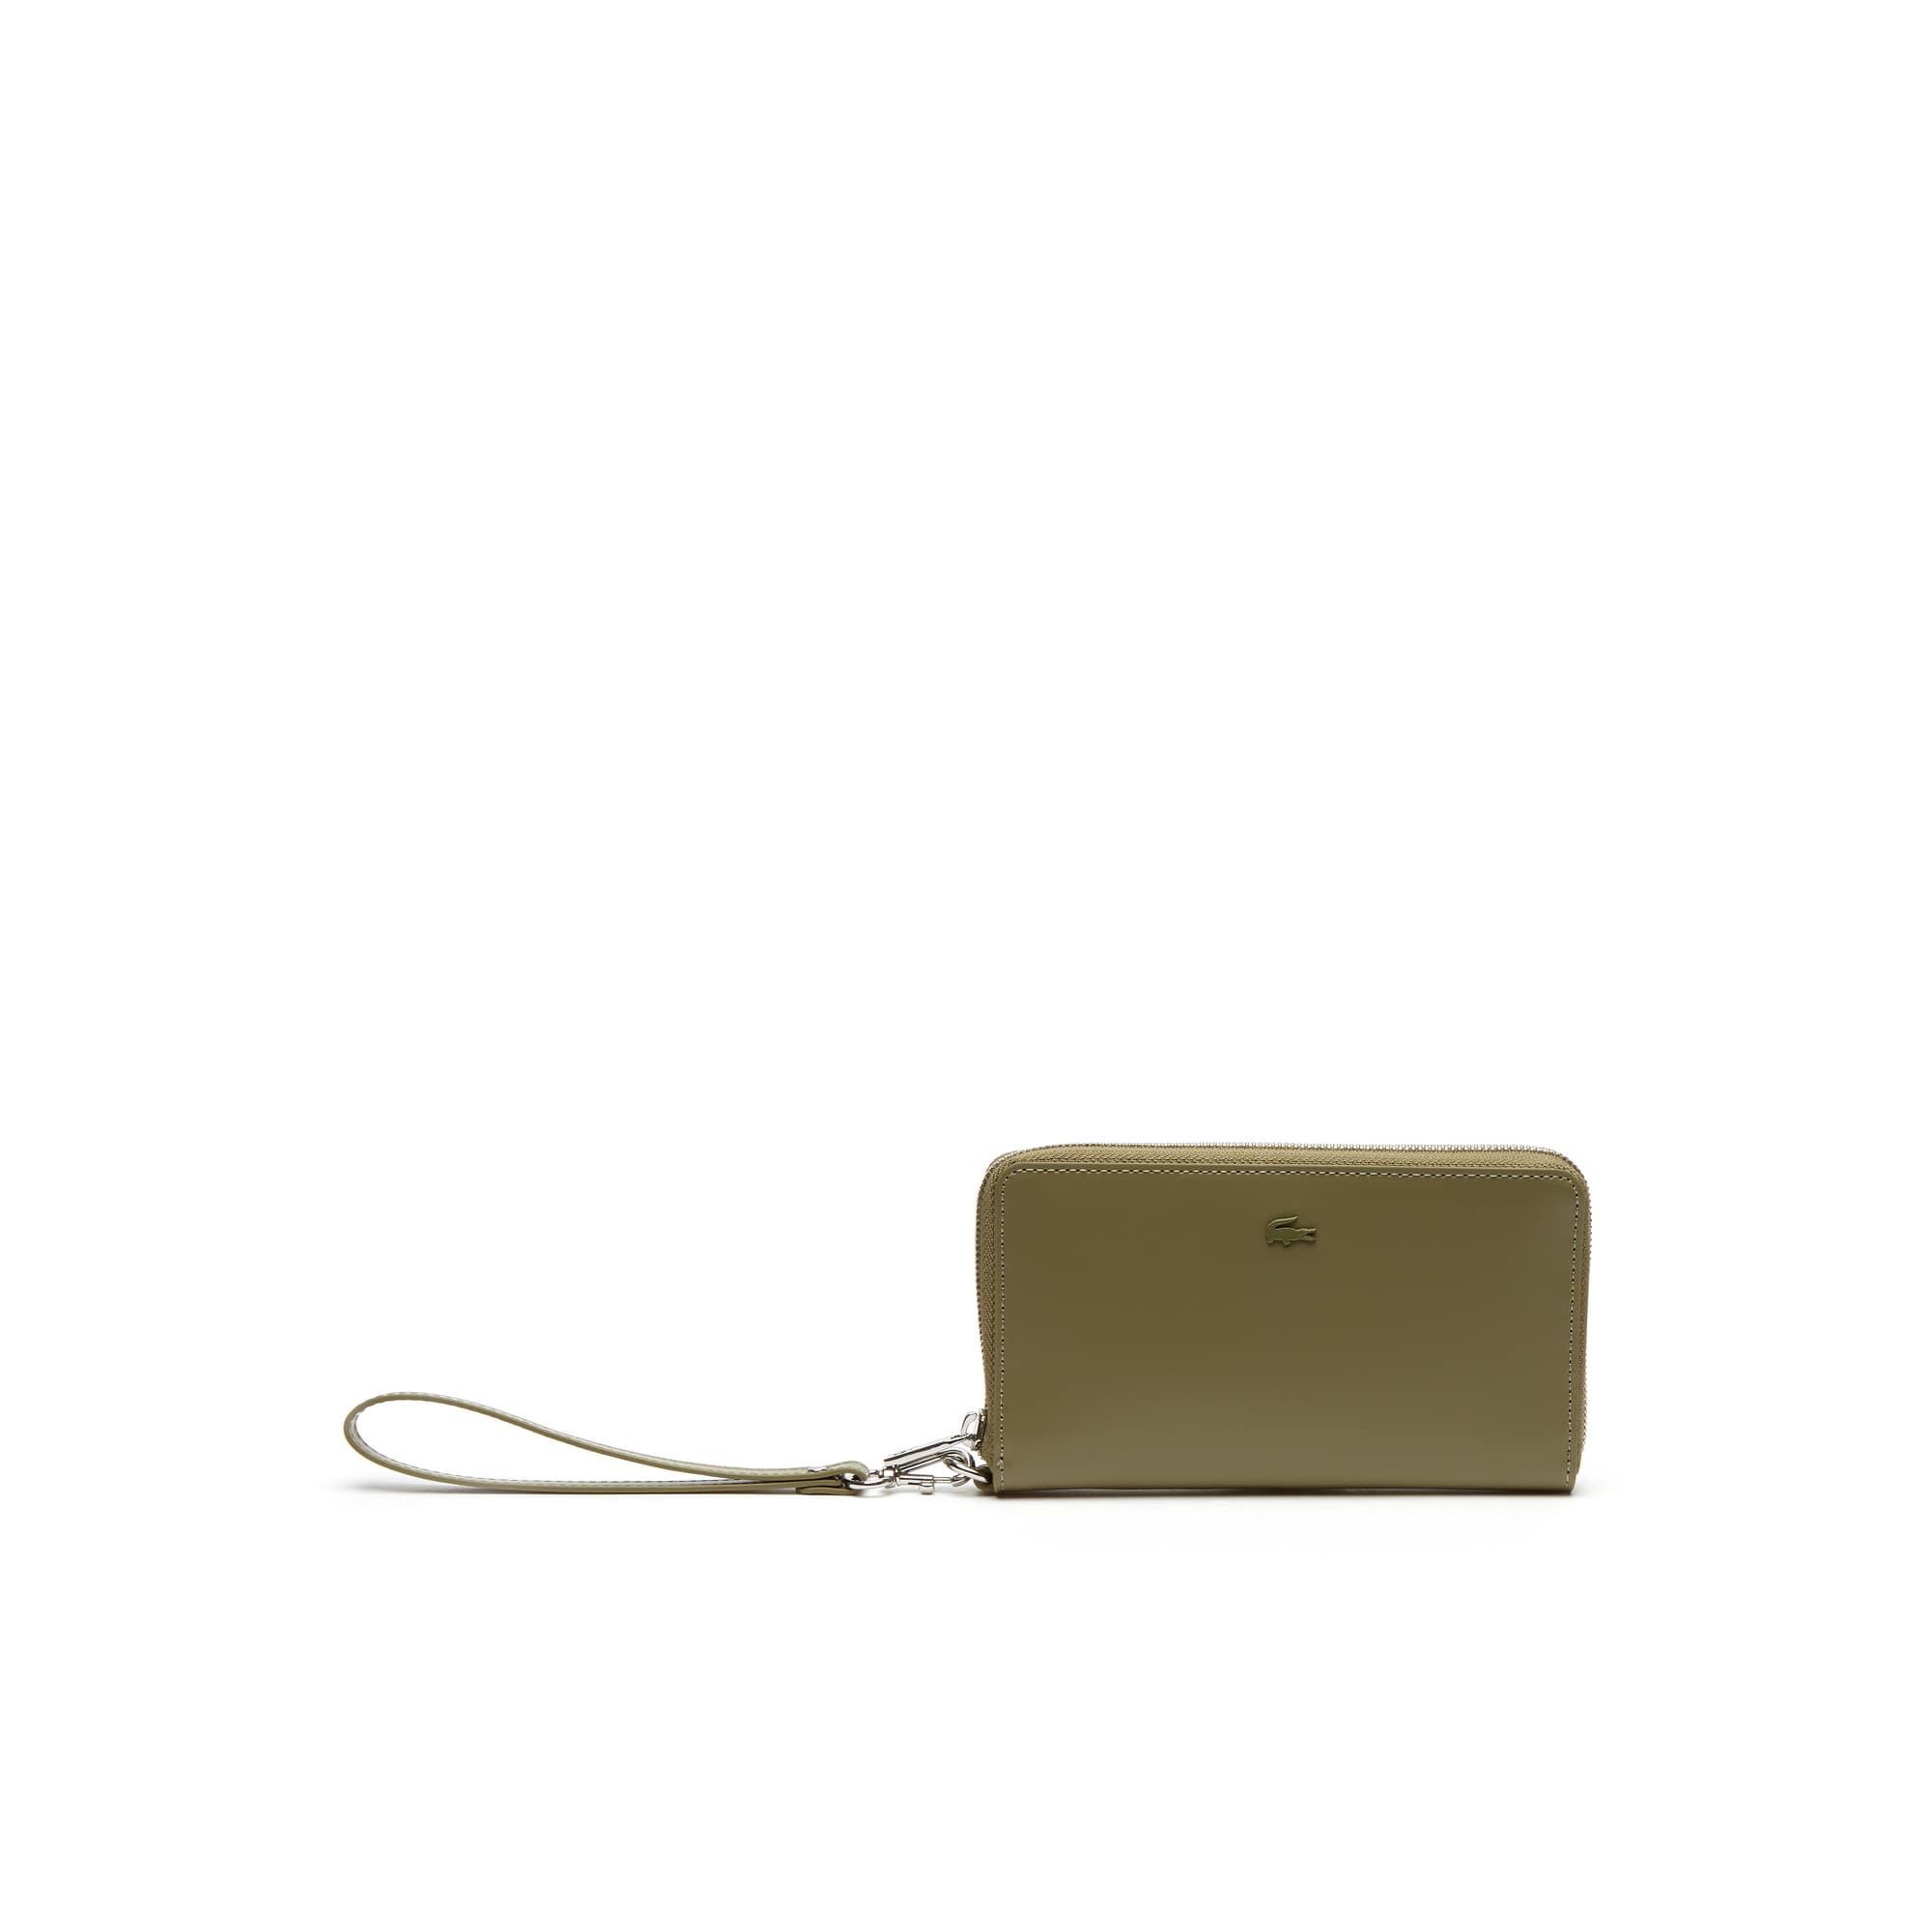 Damen Mini Golf 7 Karten-Brieftasche aus hochglänzendem Leder